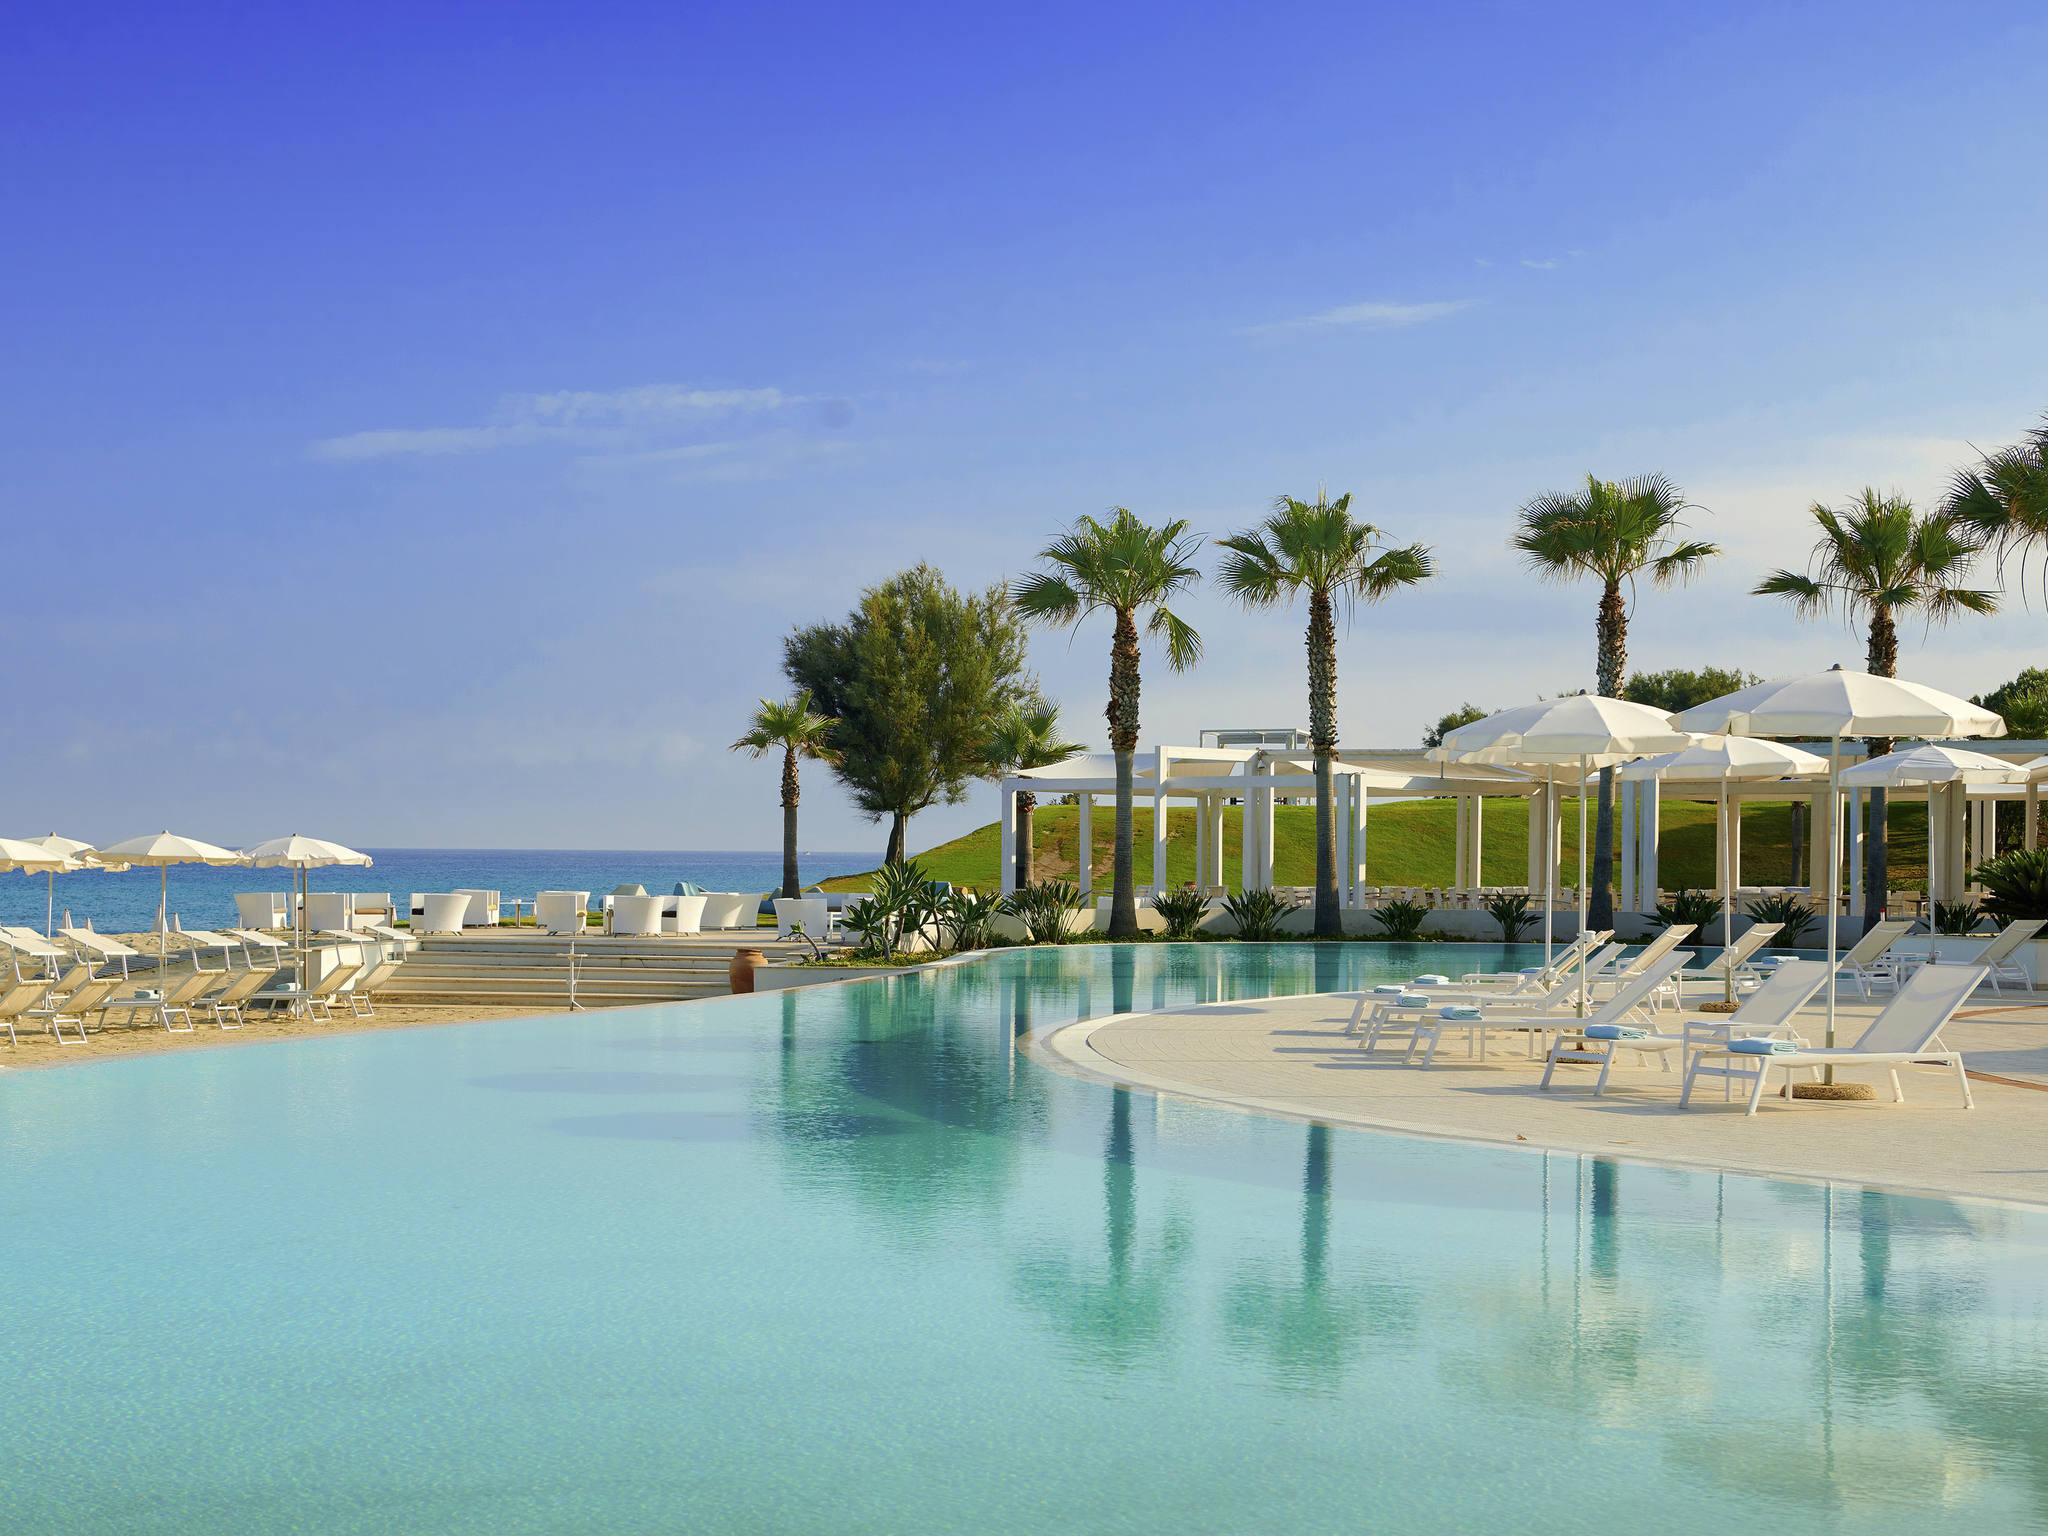 فندق - Capovaticano Resort Thalasso & Spa - MGallery by Sofitel